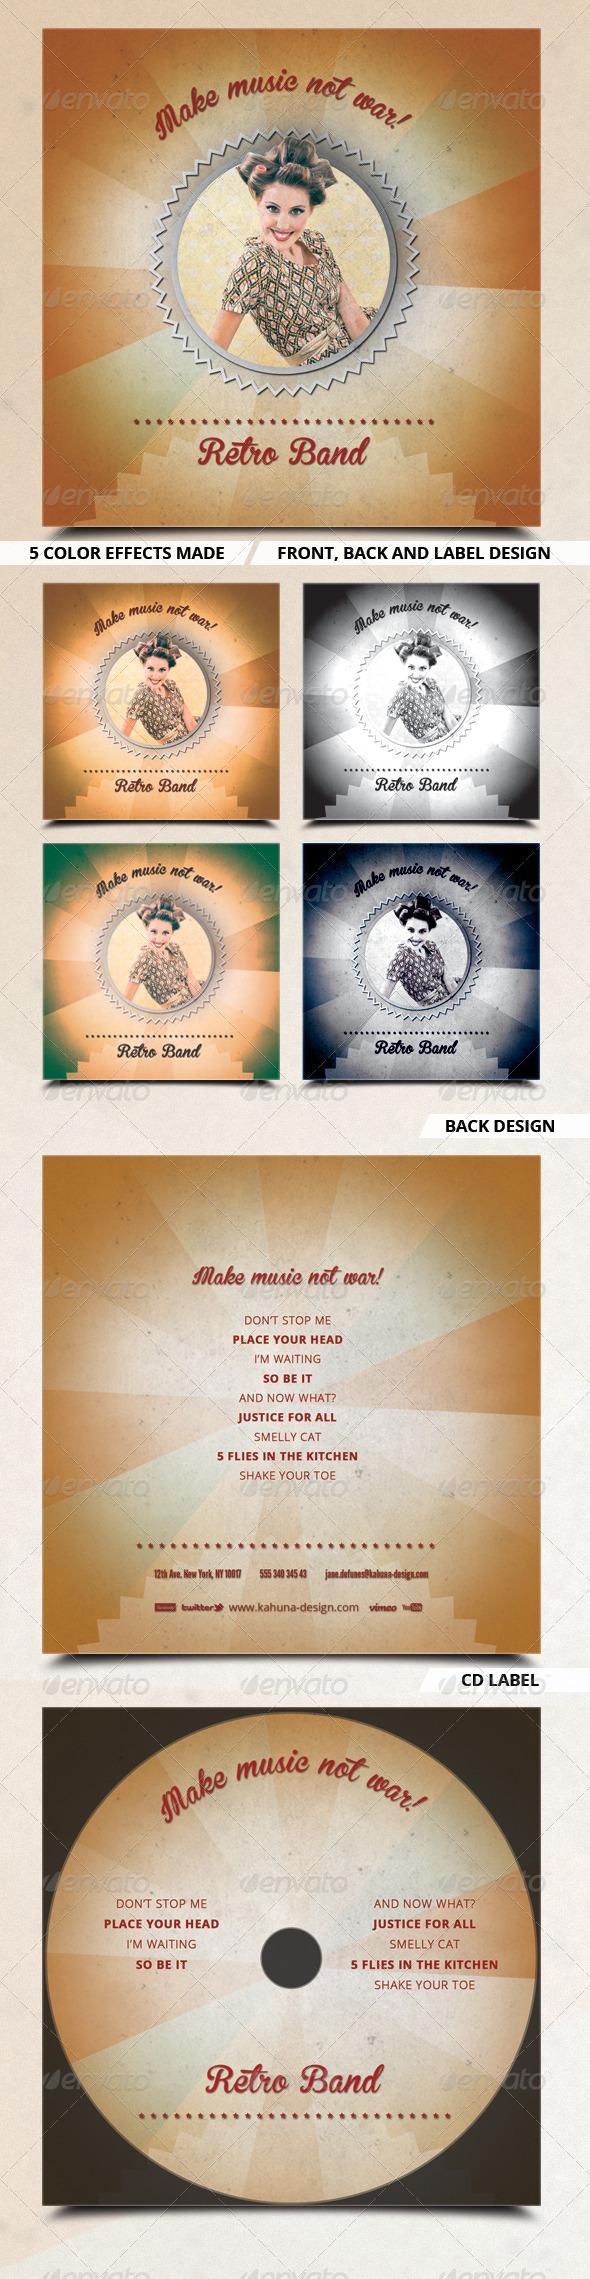 GraphicRiver Retro Band CD Artwork 5977629